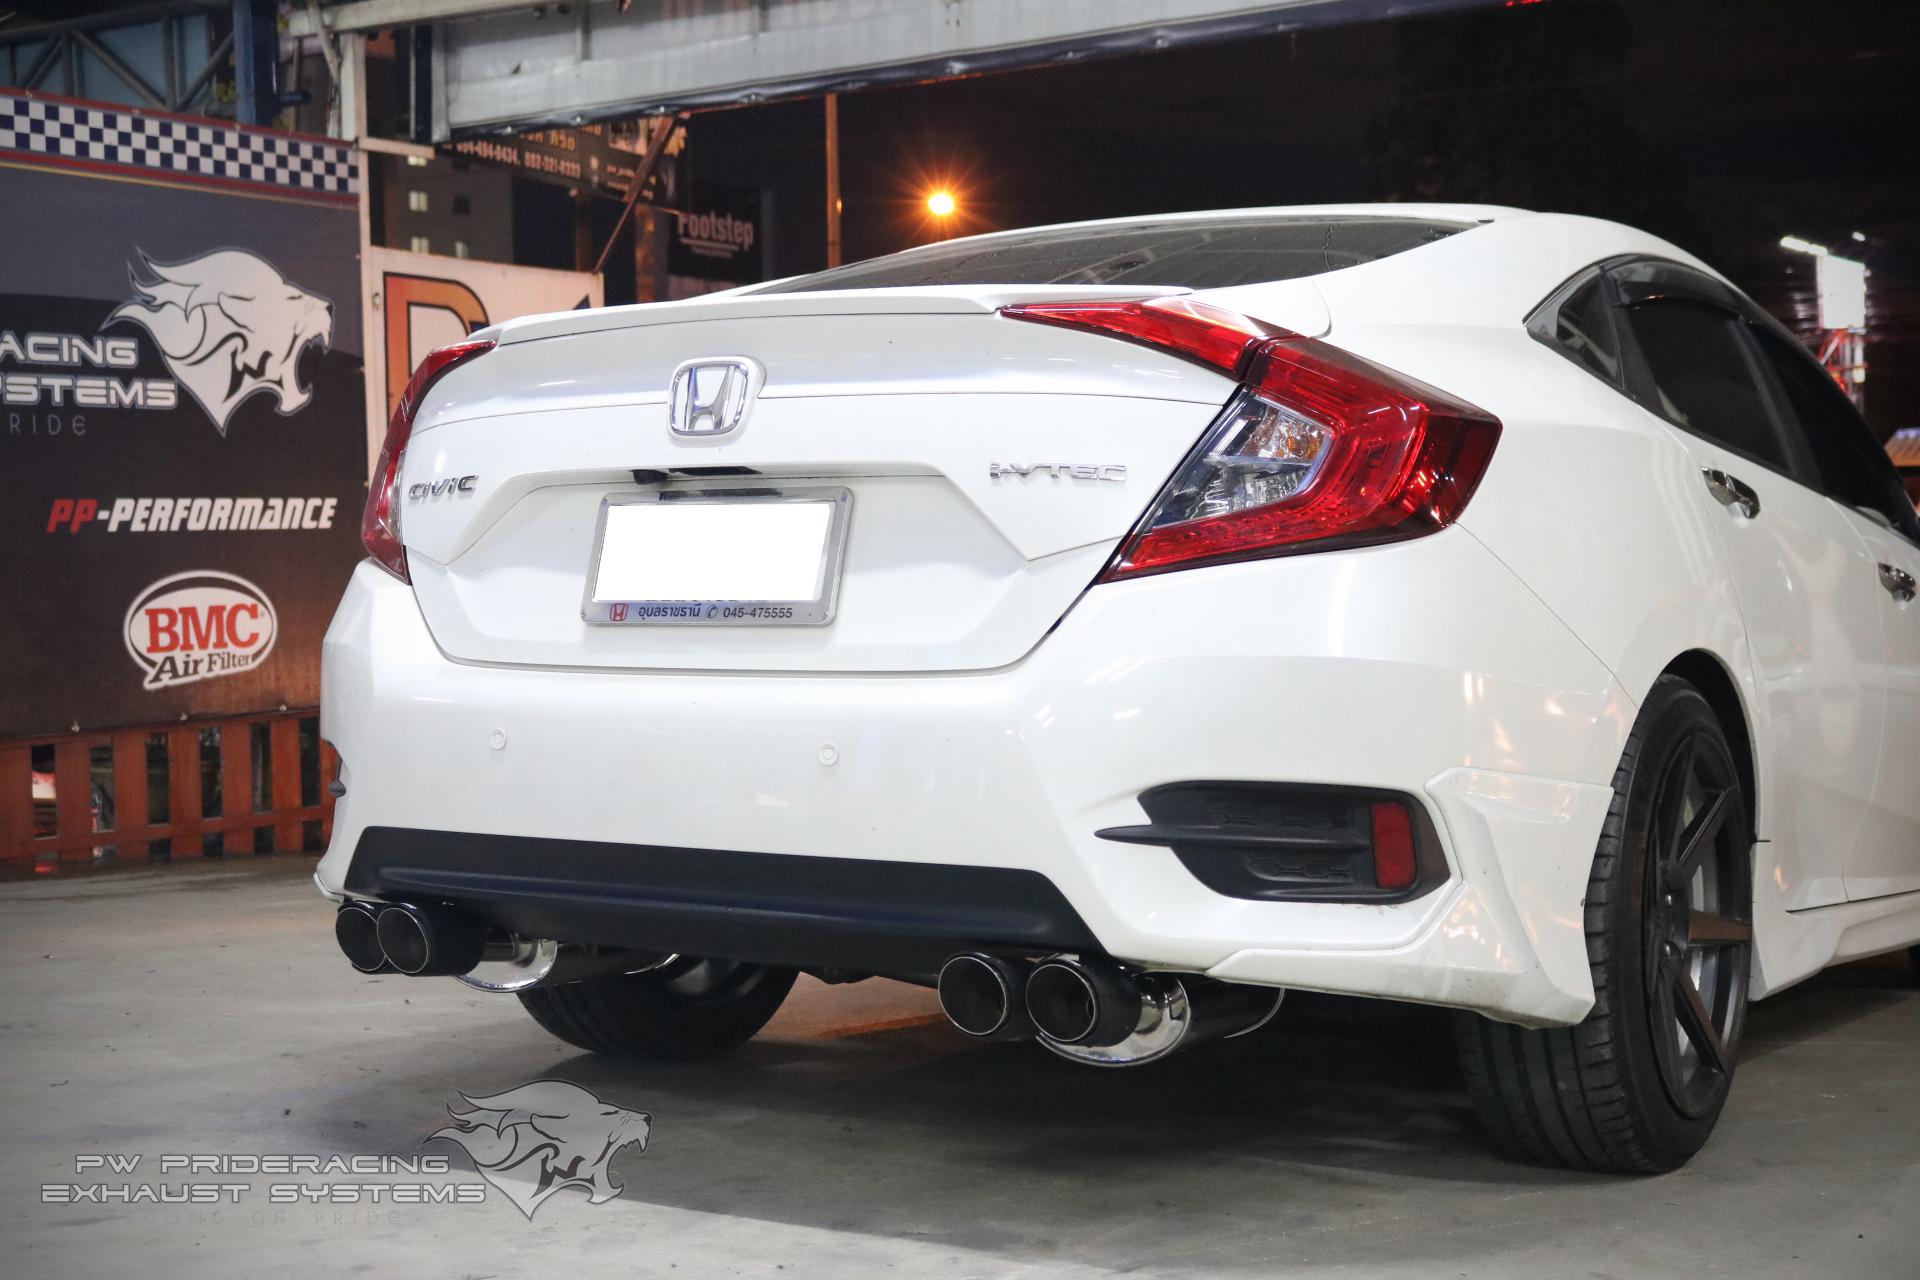 ชุดท่อไอเสีย Honda CIVIC 2016 by PW PrideRacing